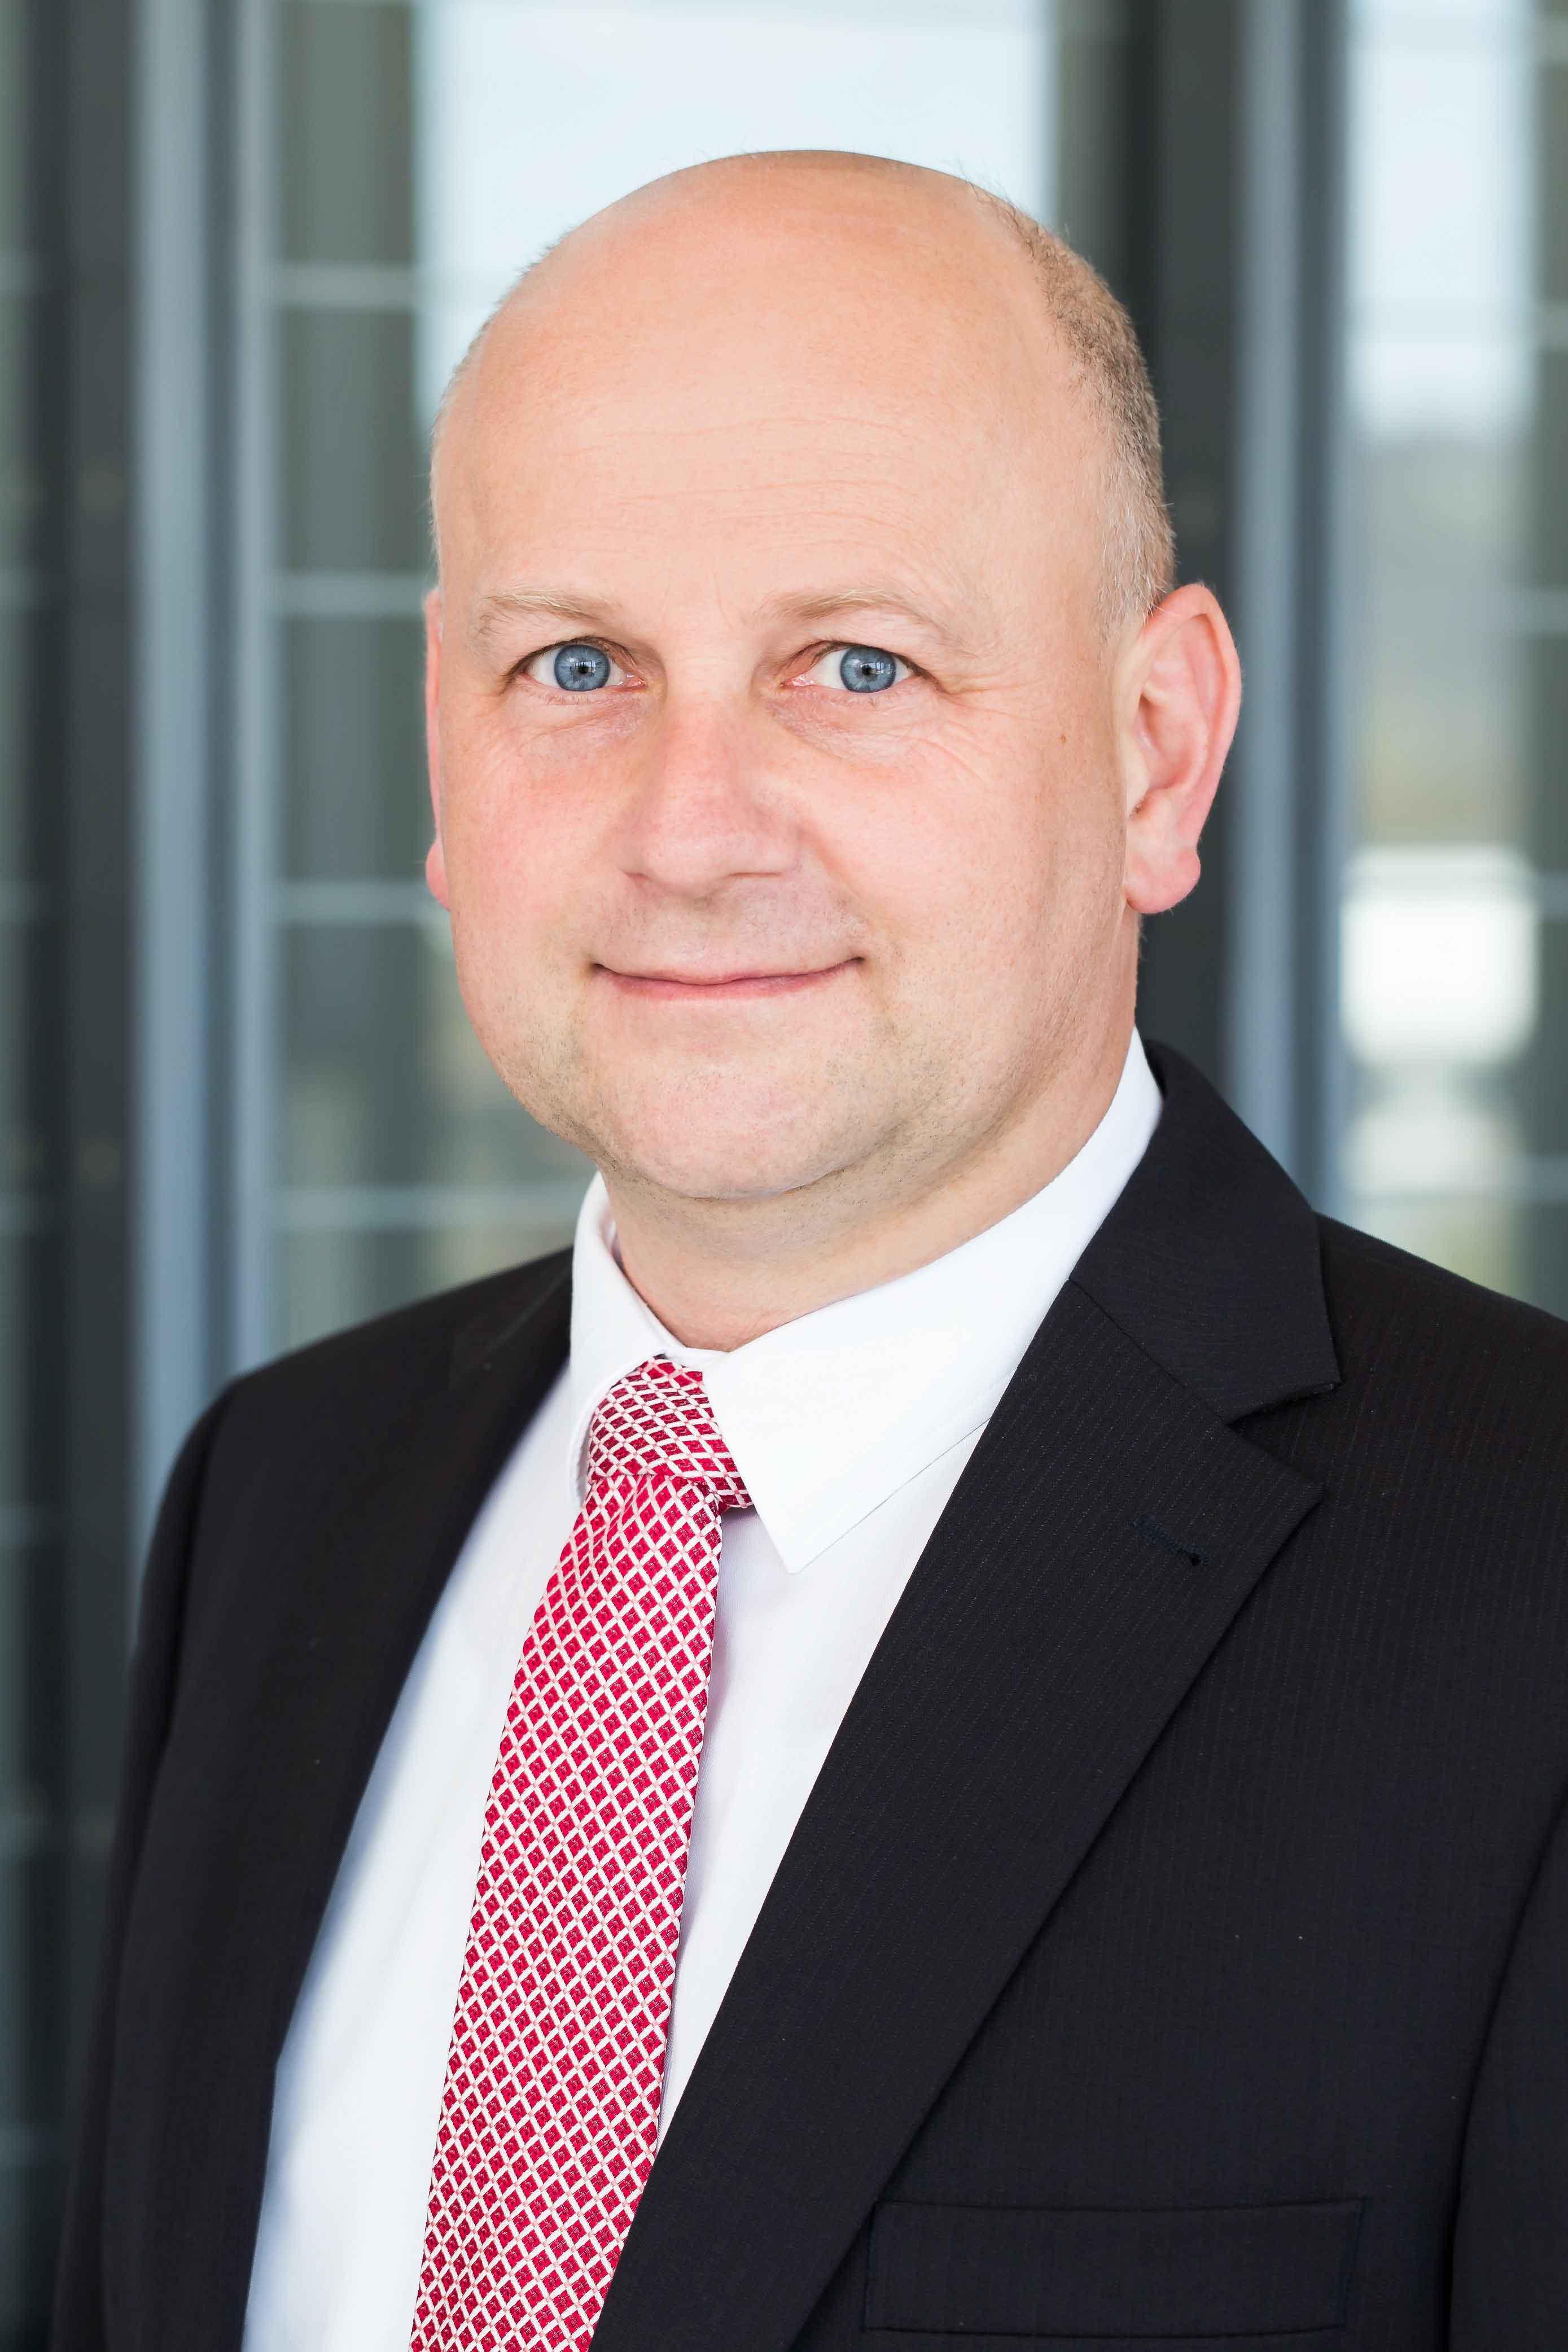 Markus Kannwischer, Quelle: Horn